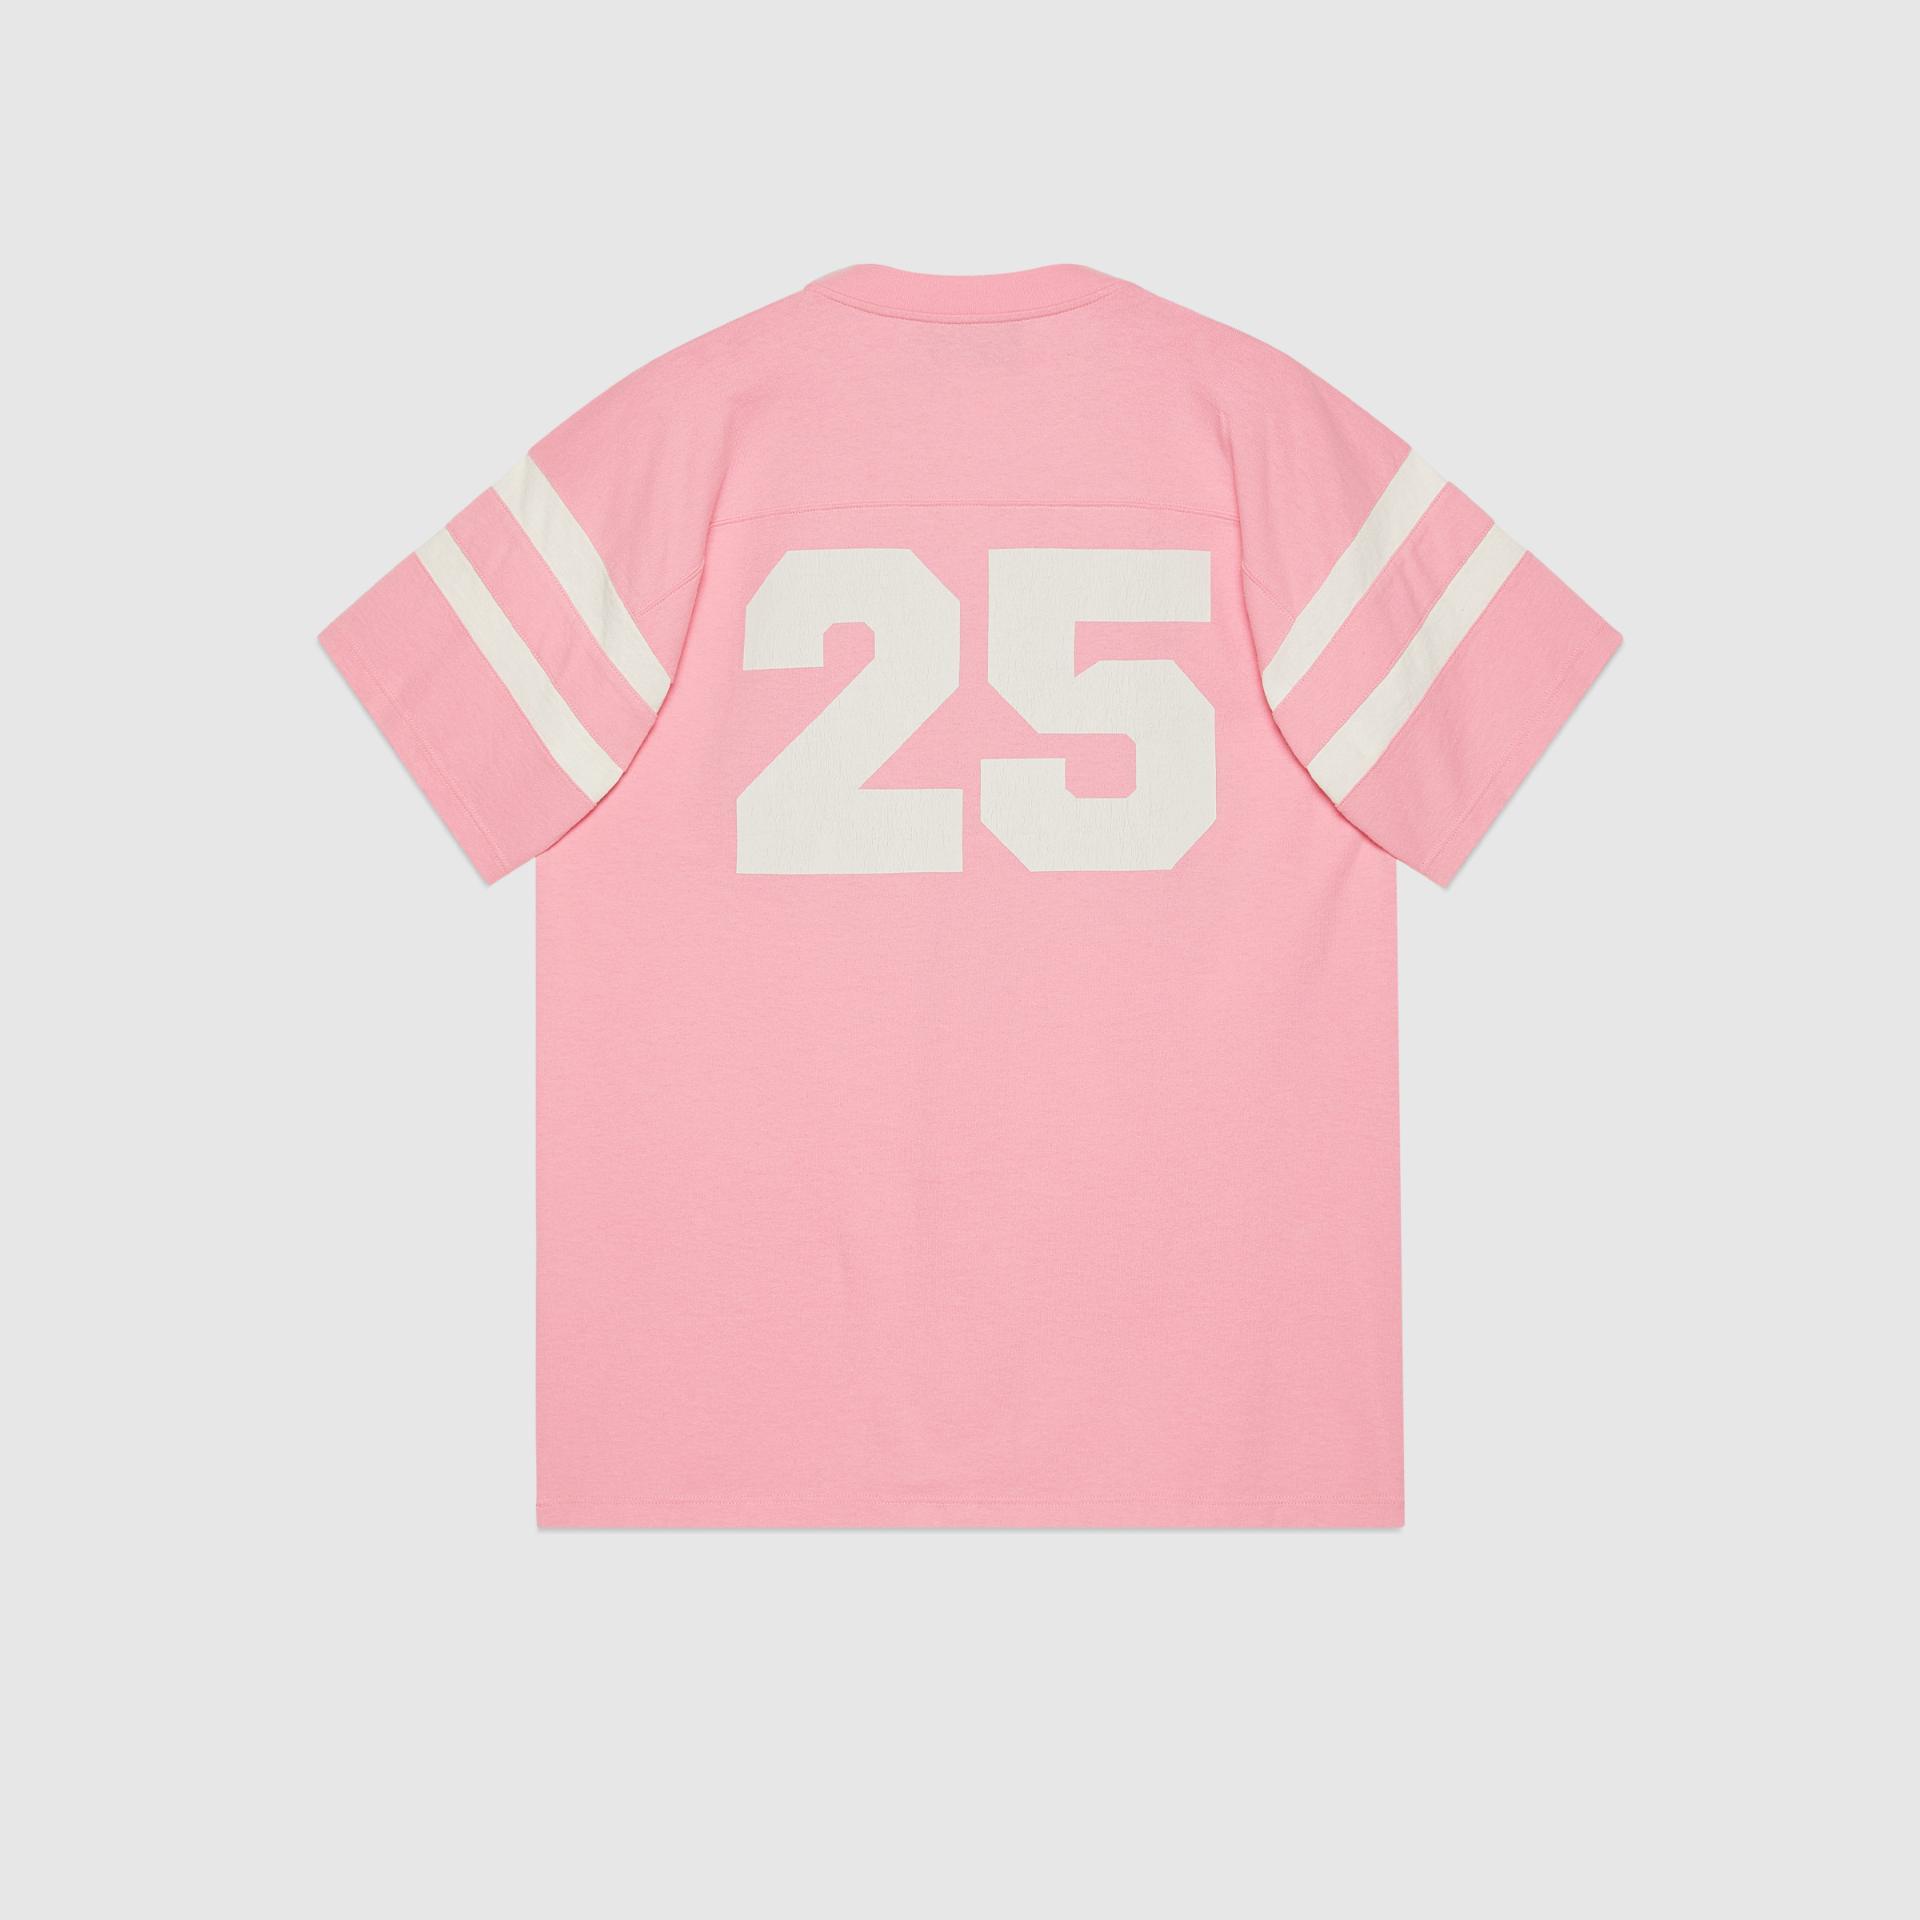 유럽직배송 구찌 GUCCI Gucci - T-shirt with '25 Gucci Eschatology in Pink 1921' print 655459XJDLY5904